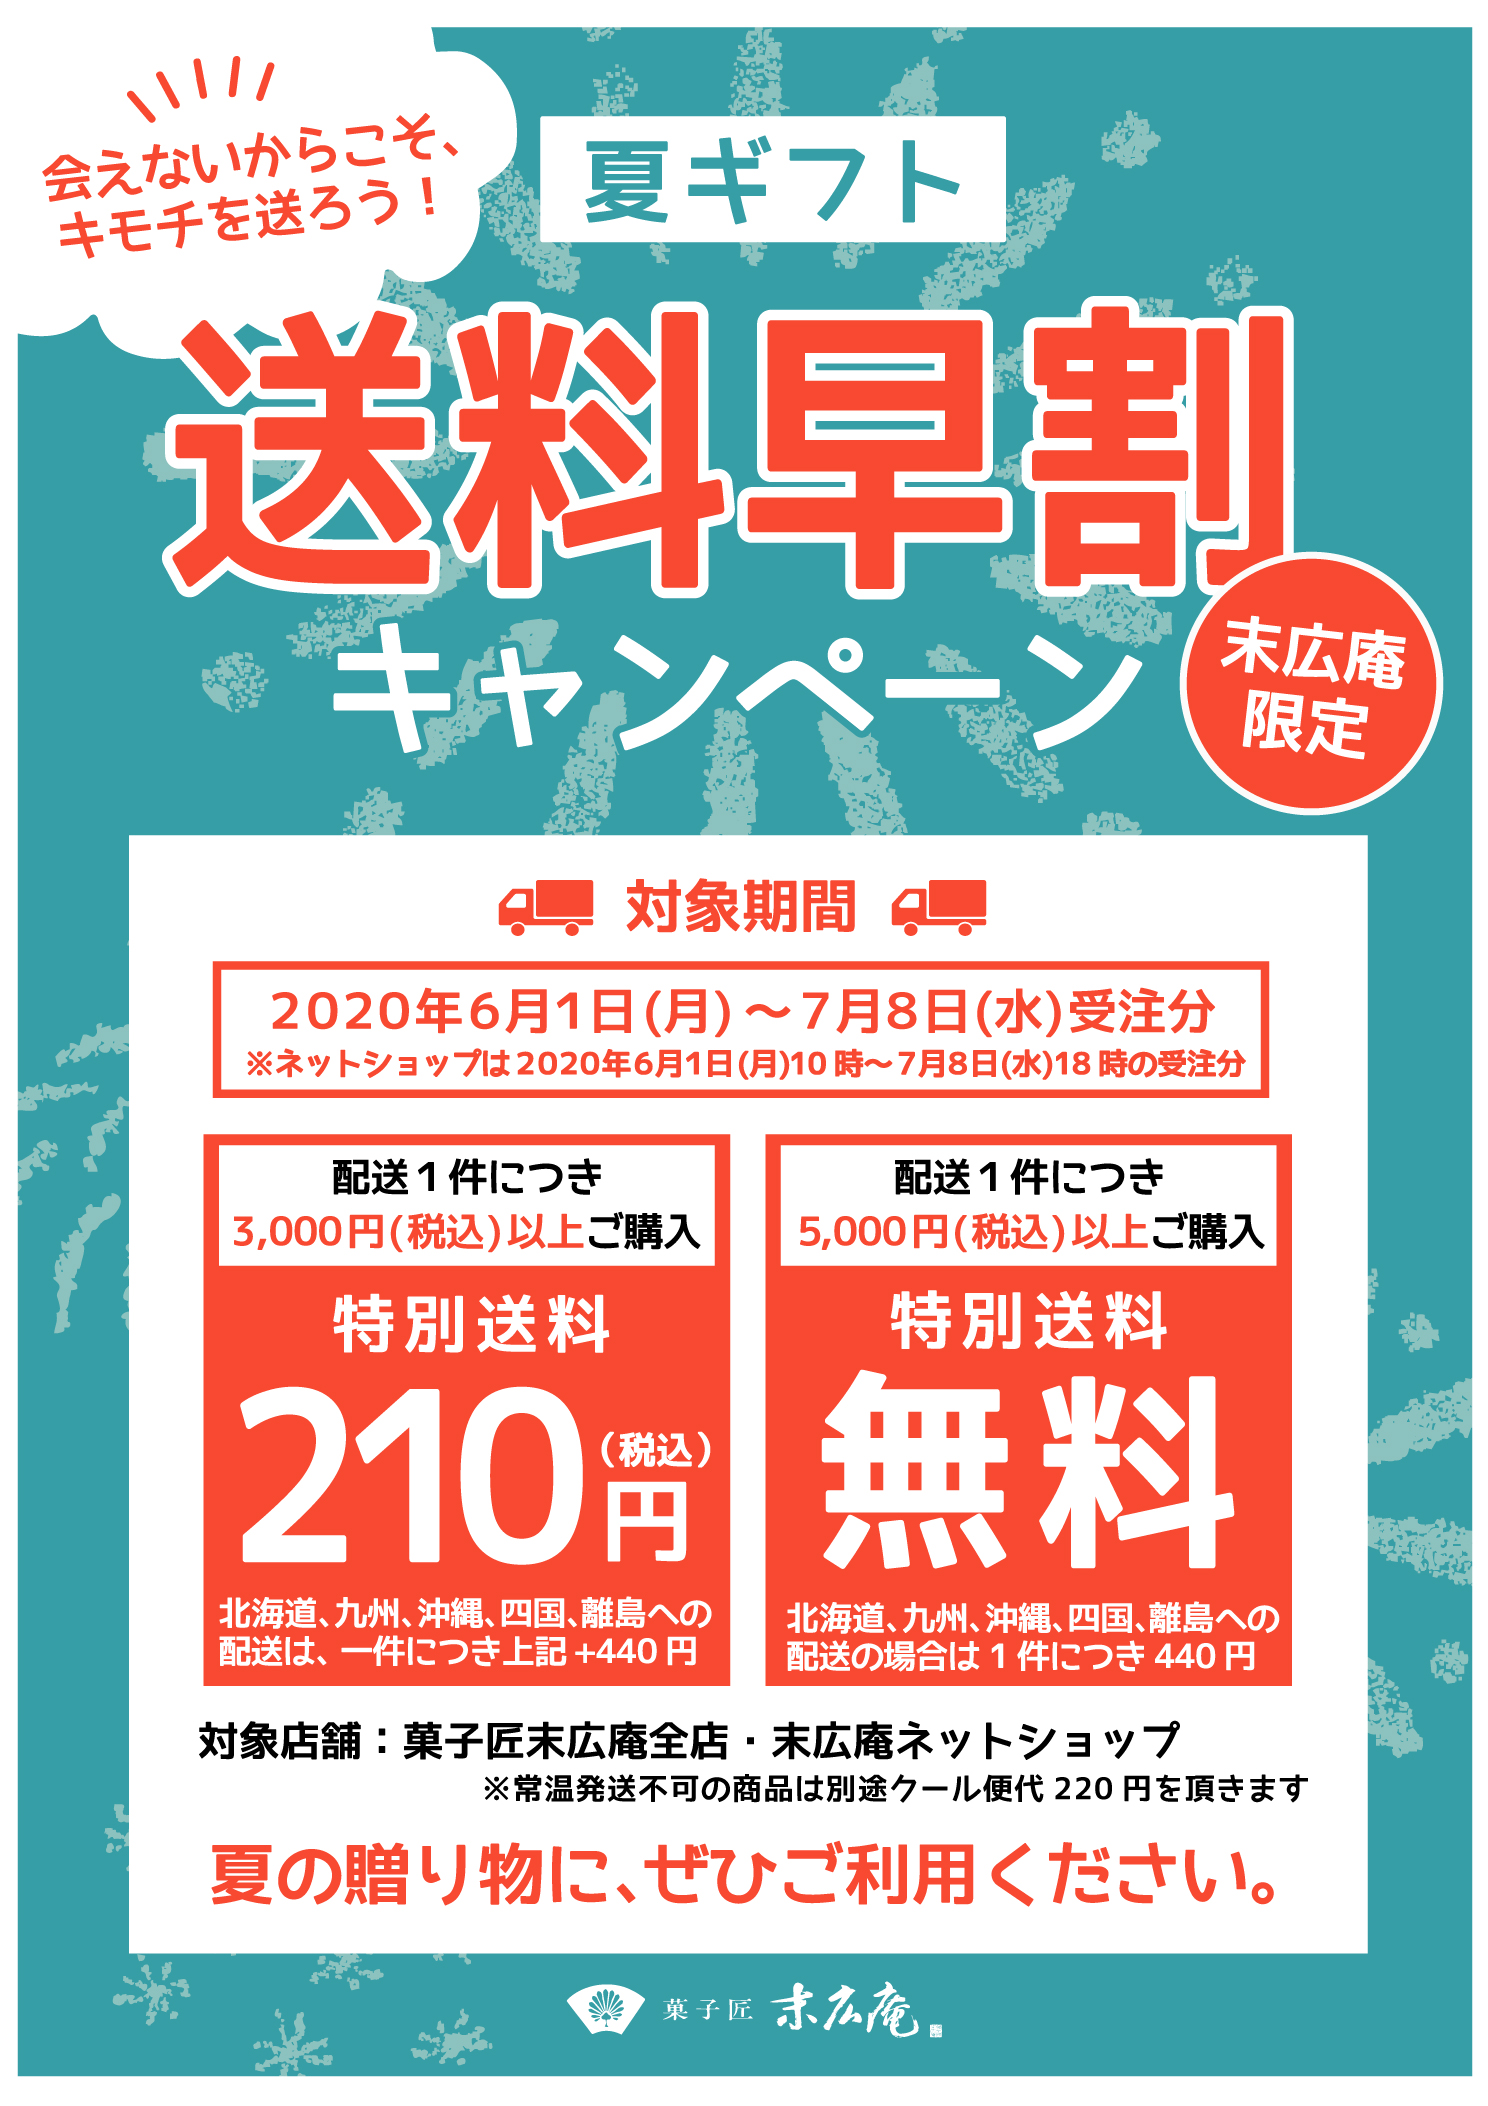 【7月8日18時まで!】夏ギフトに。末広庵全店 送料早割キャンペーン開催!